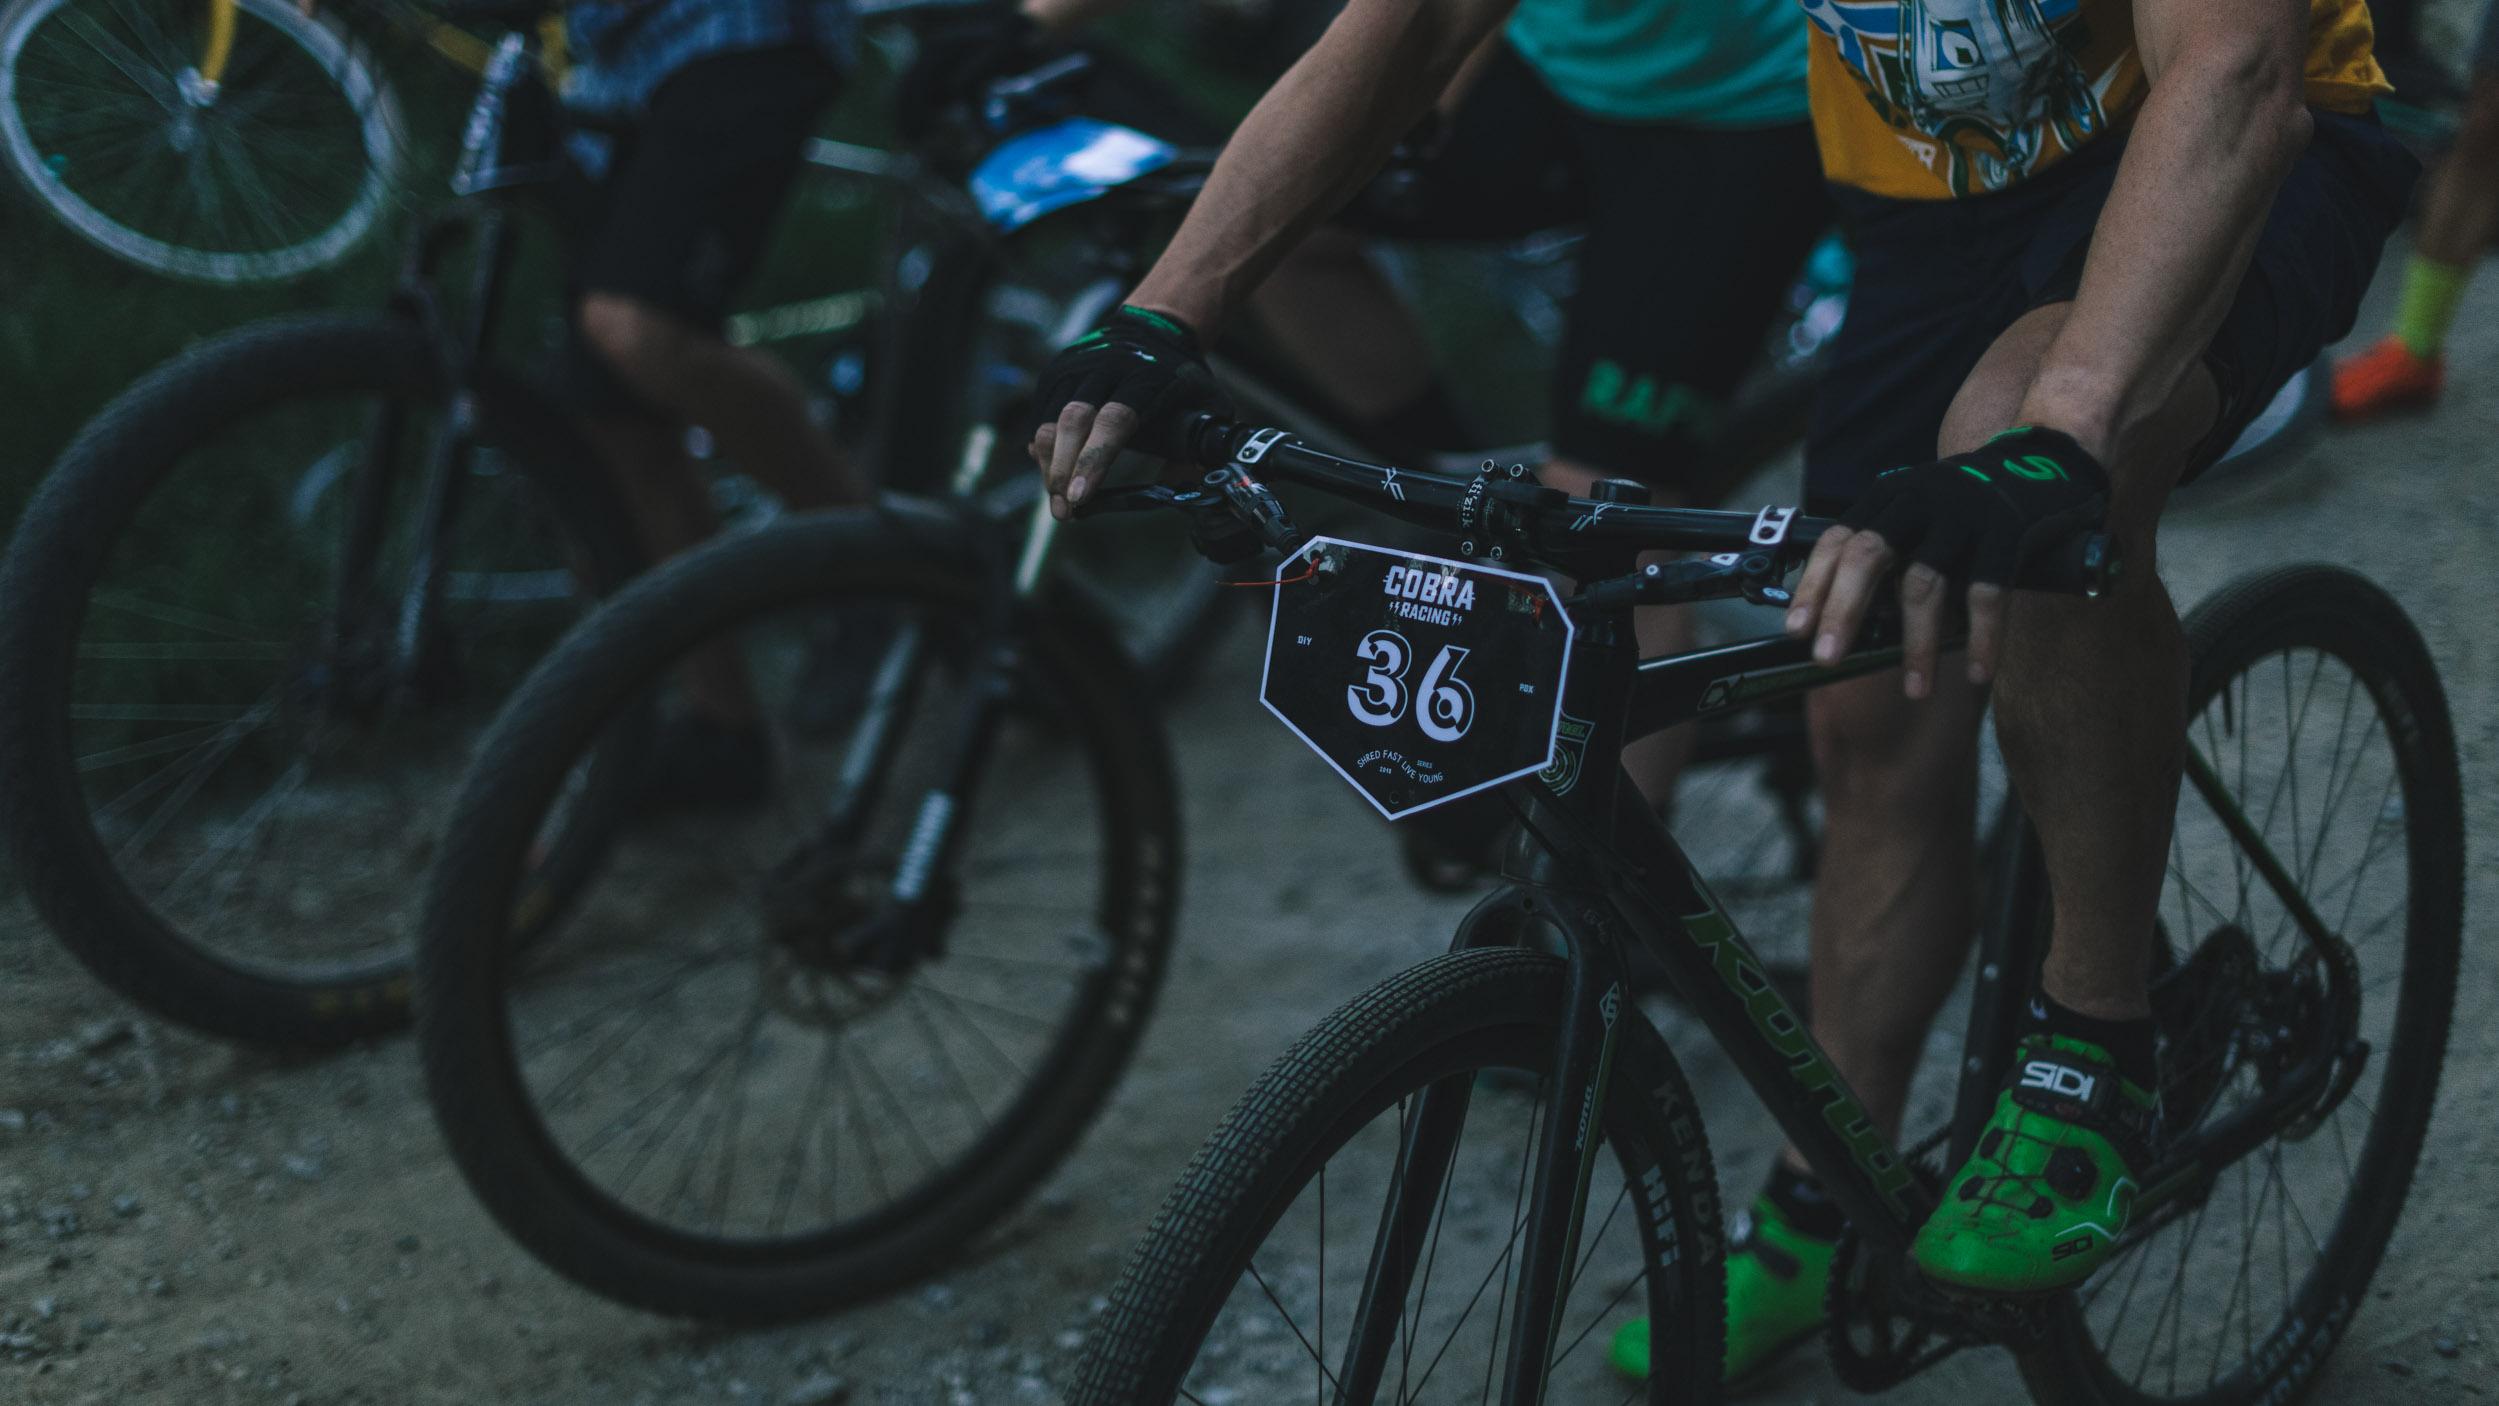 COBRA_Racing_Gateway_Miguel_Tone_14.jpg